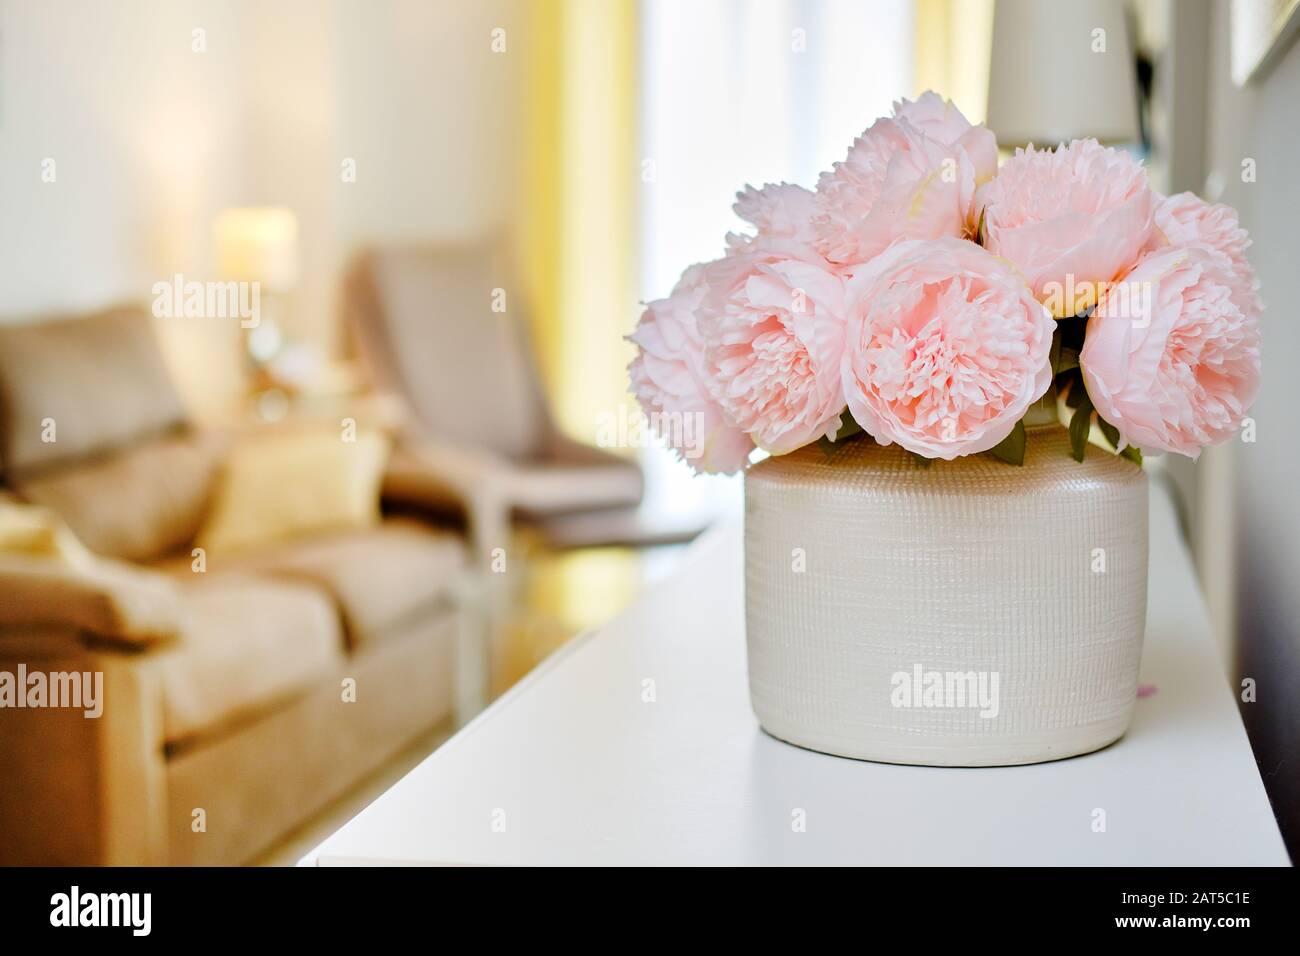 Jolies pivoines de couleur rose fleurs dans un vase blanc à l'intérieur d'un salon léger et chaud, gros plan sélectif sur le bouquet, pas de personnes Banque D'Images